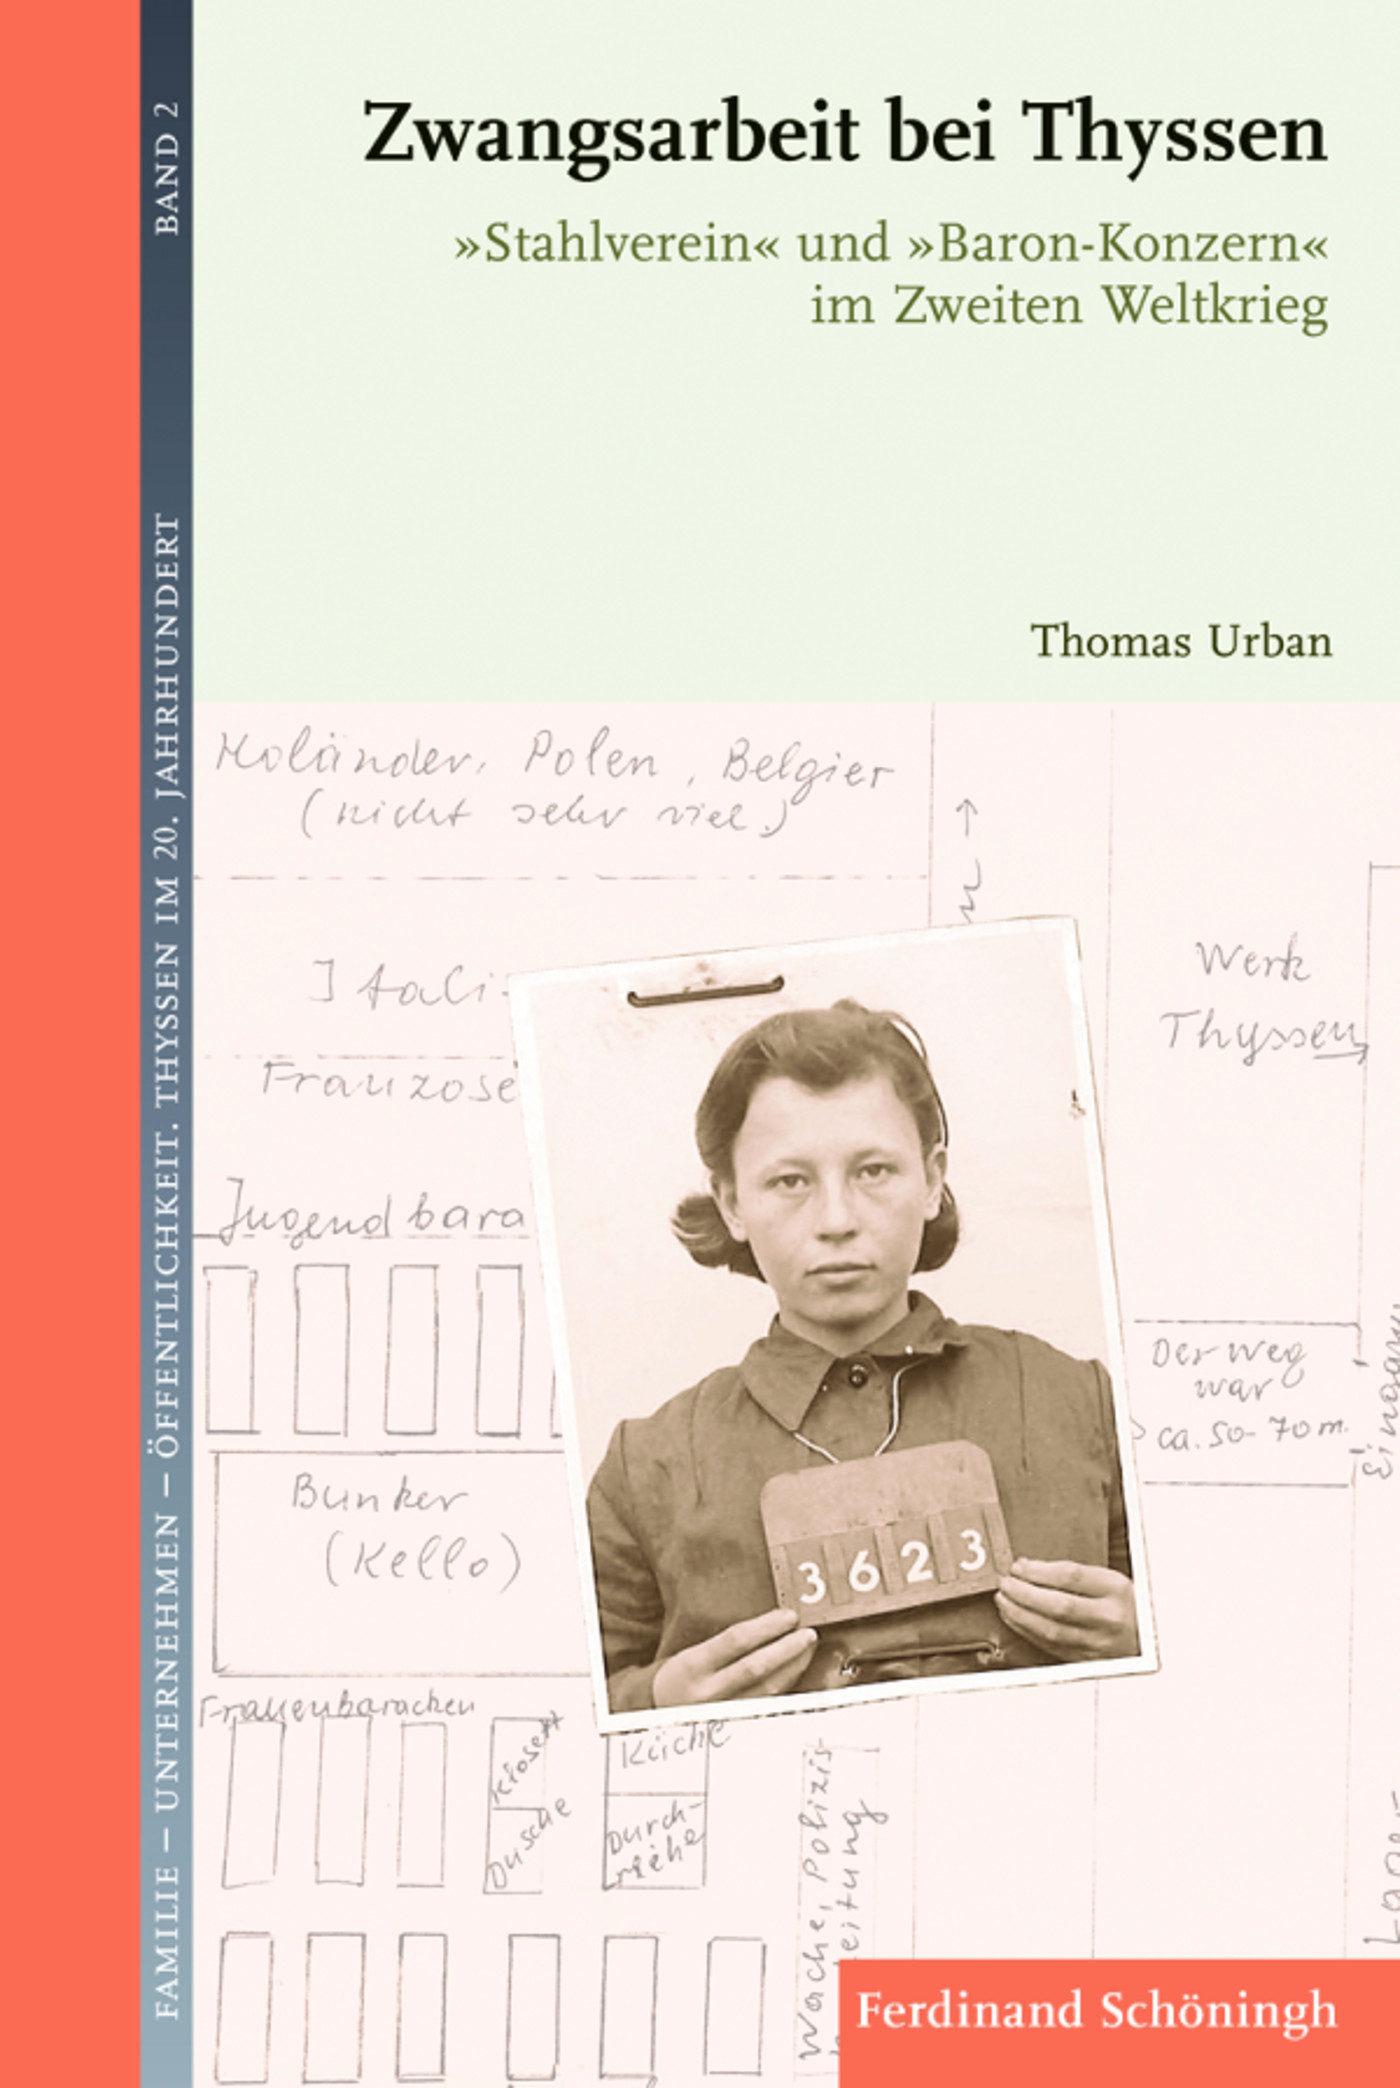 Zwangsarbeit bei Thyssen (ebook)